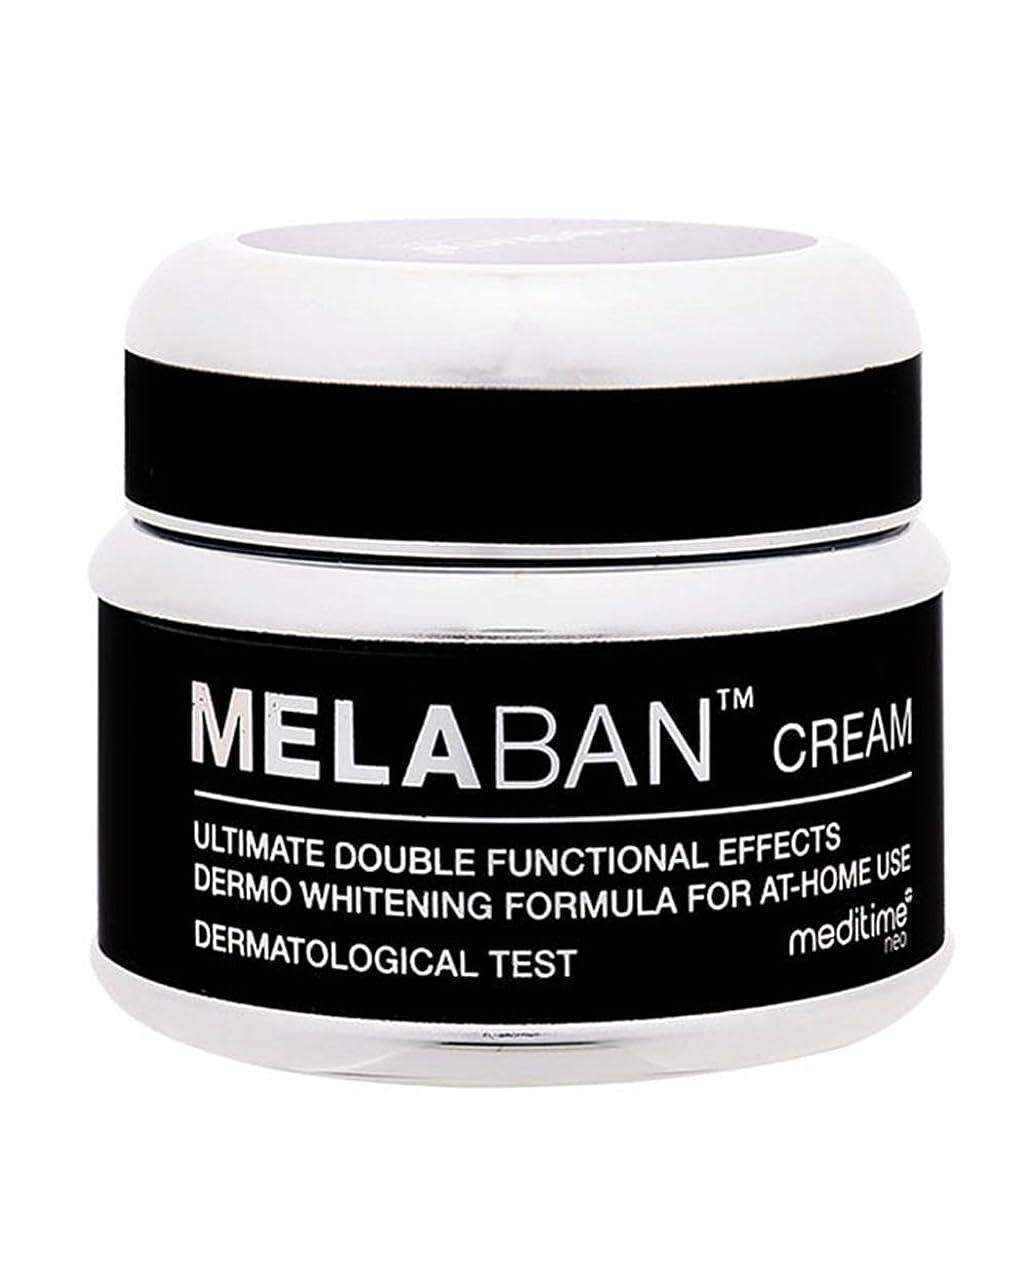 評論家バーチャル遺棄されたMelaban Cream 50g (海外直配送)